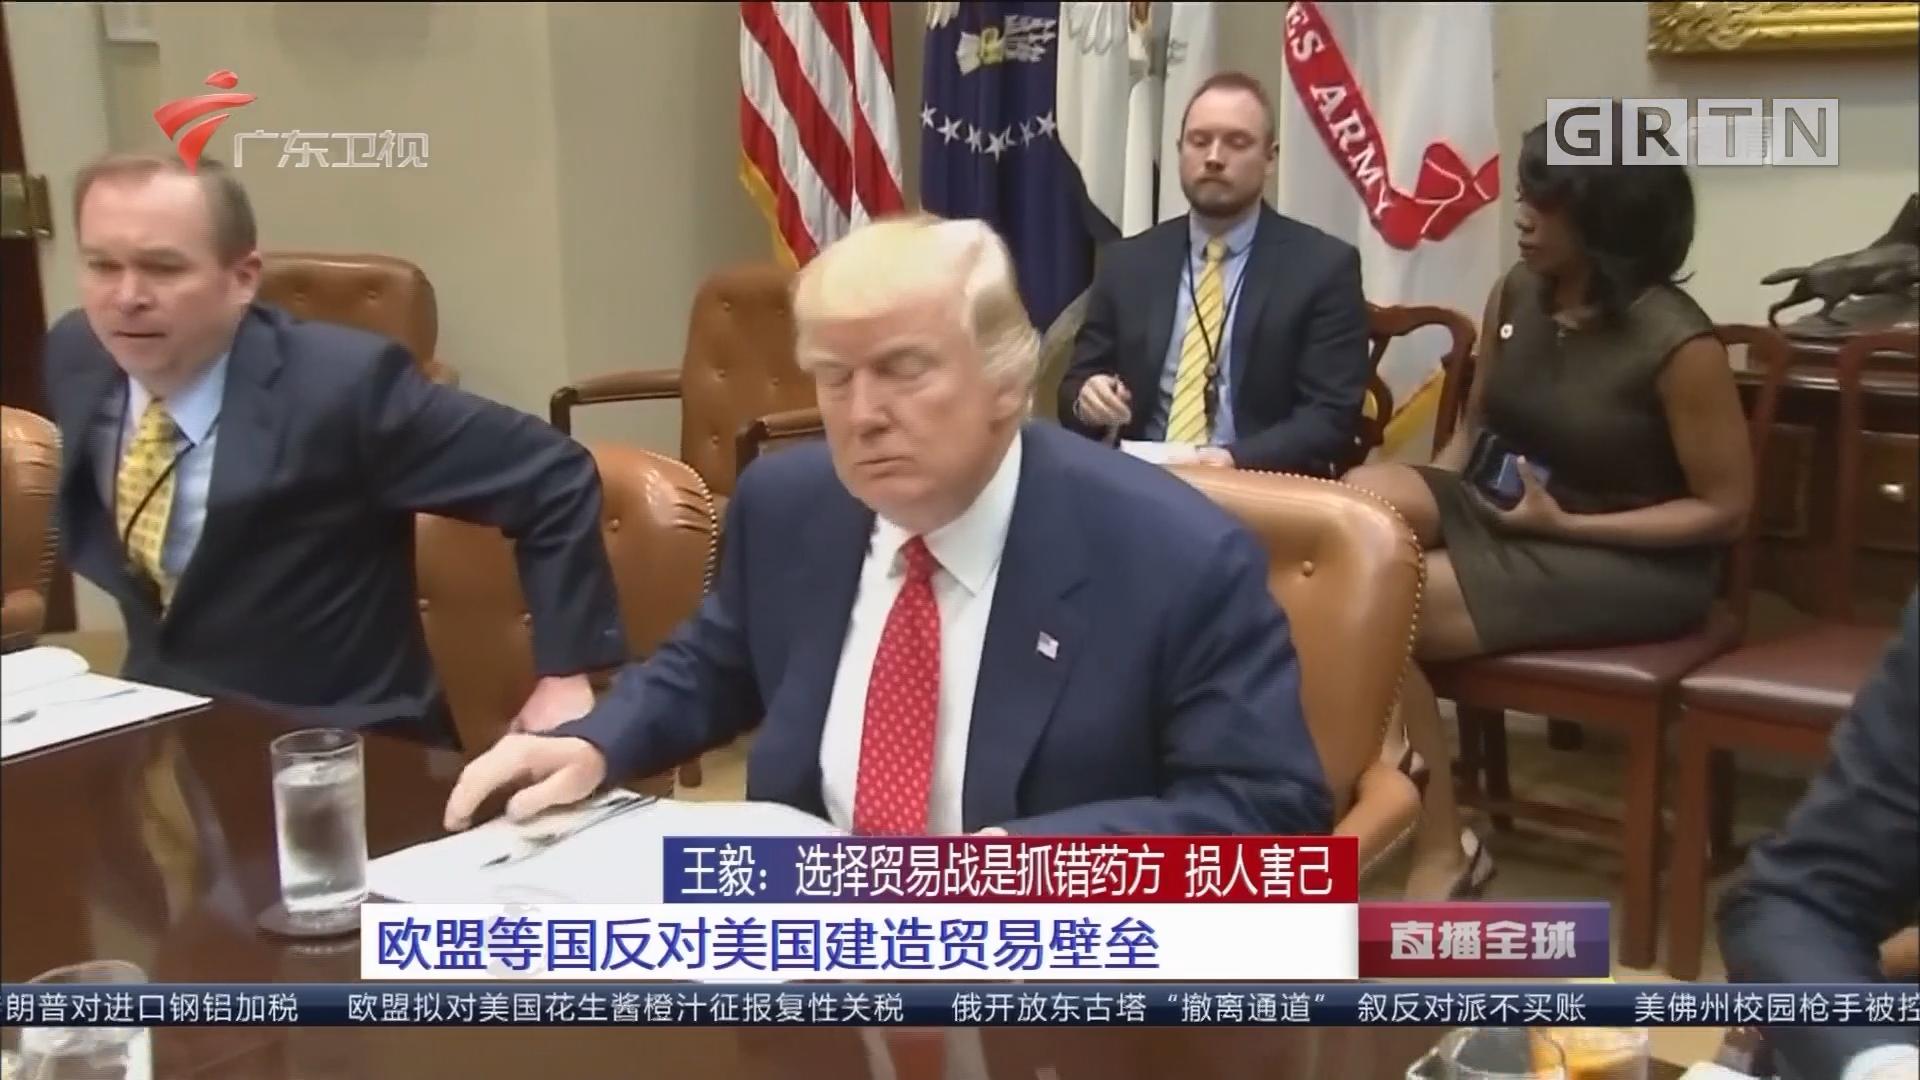 王毅:选择贸易战是抓错药方 损人害己 欧盟等国反对美国建造贸易壁垒